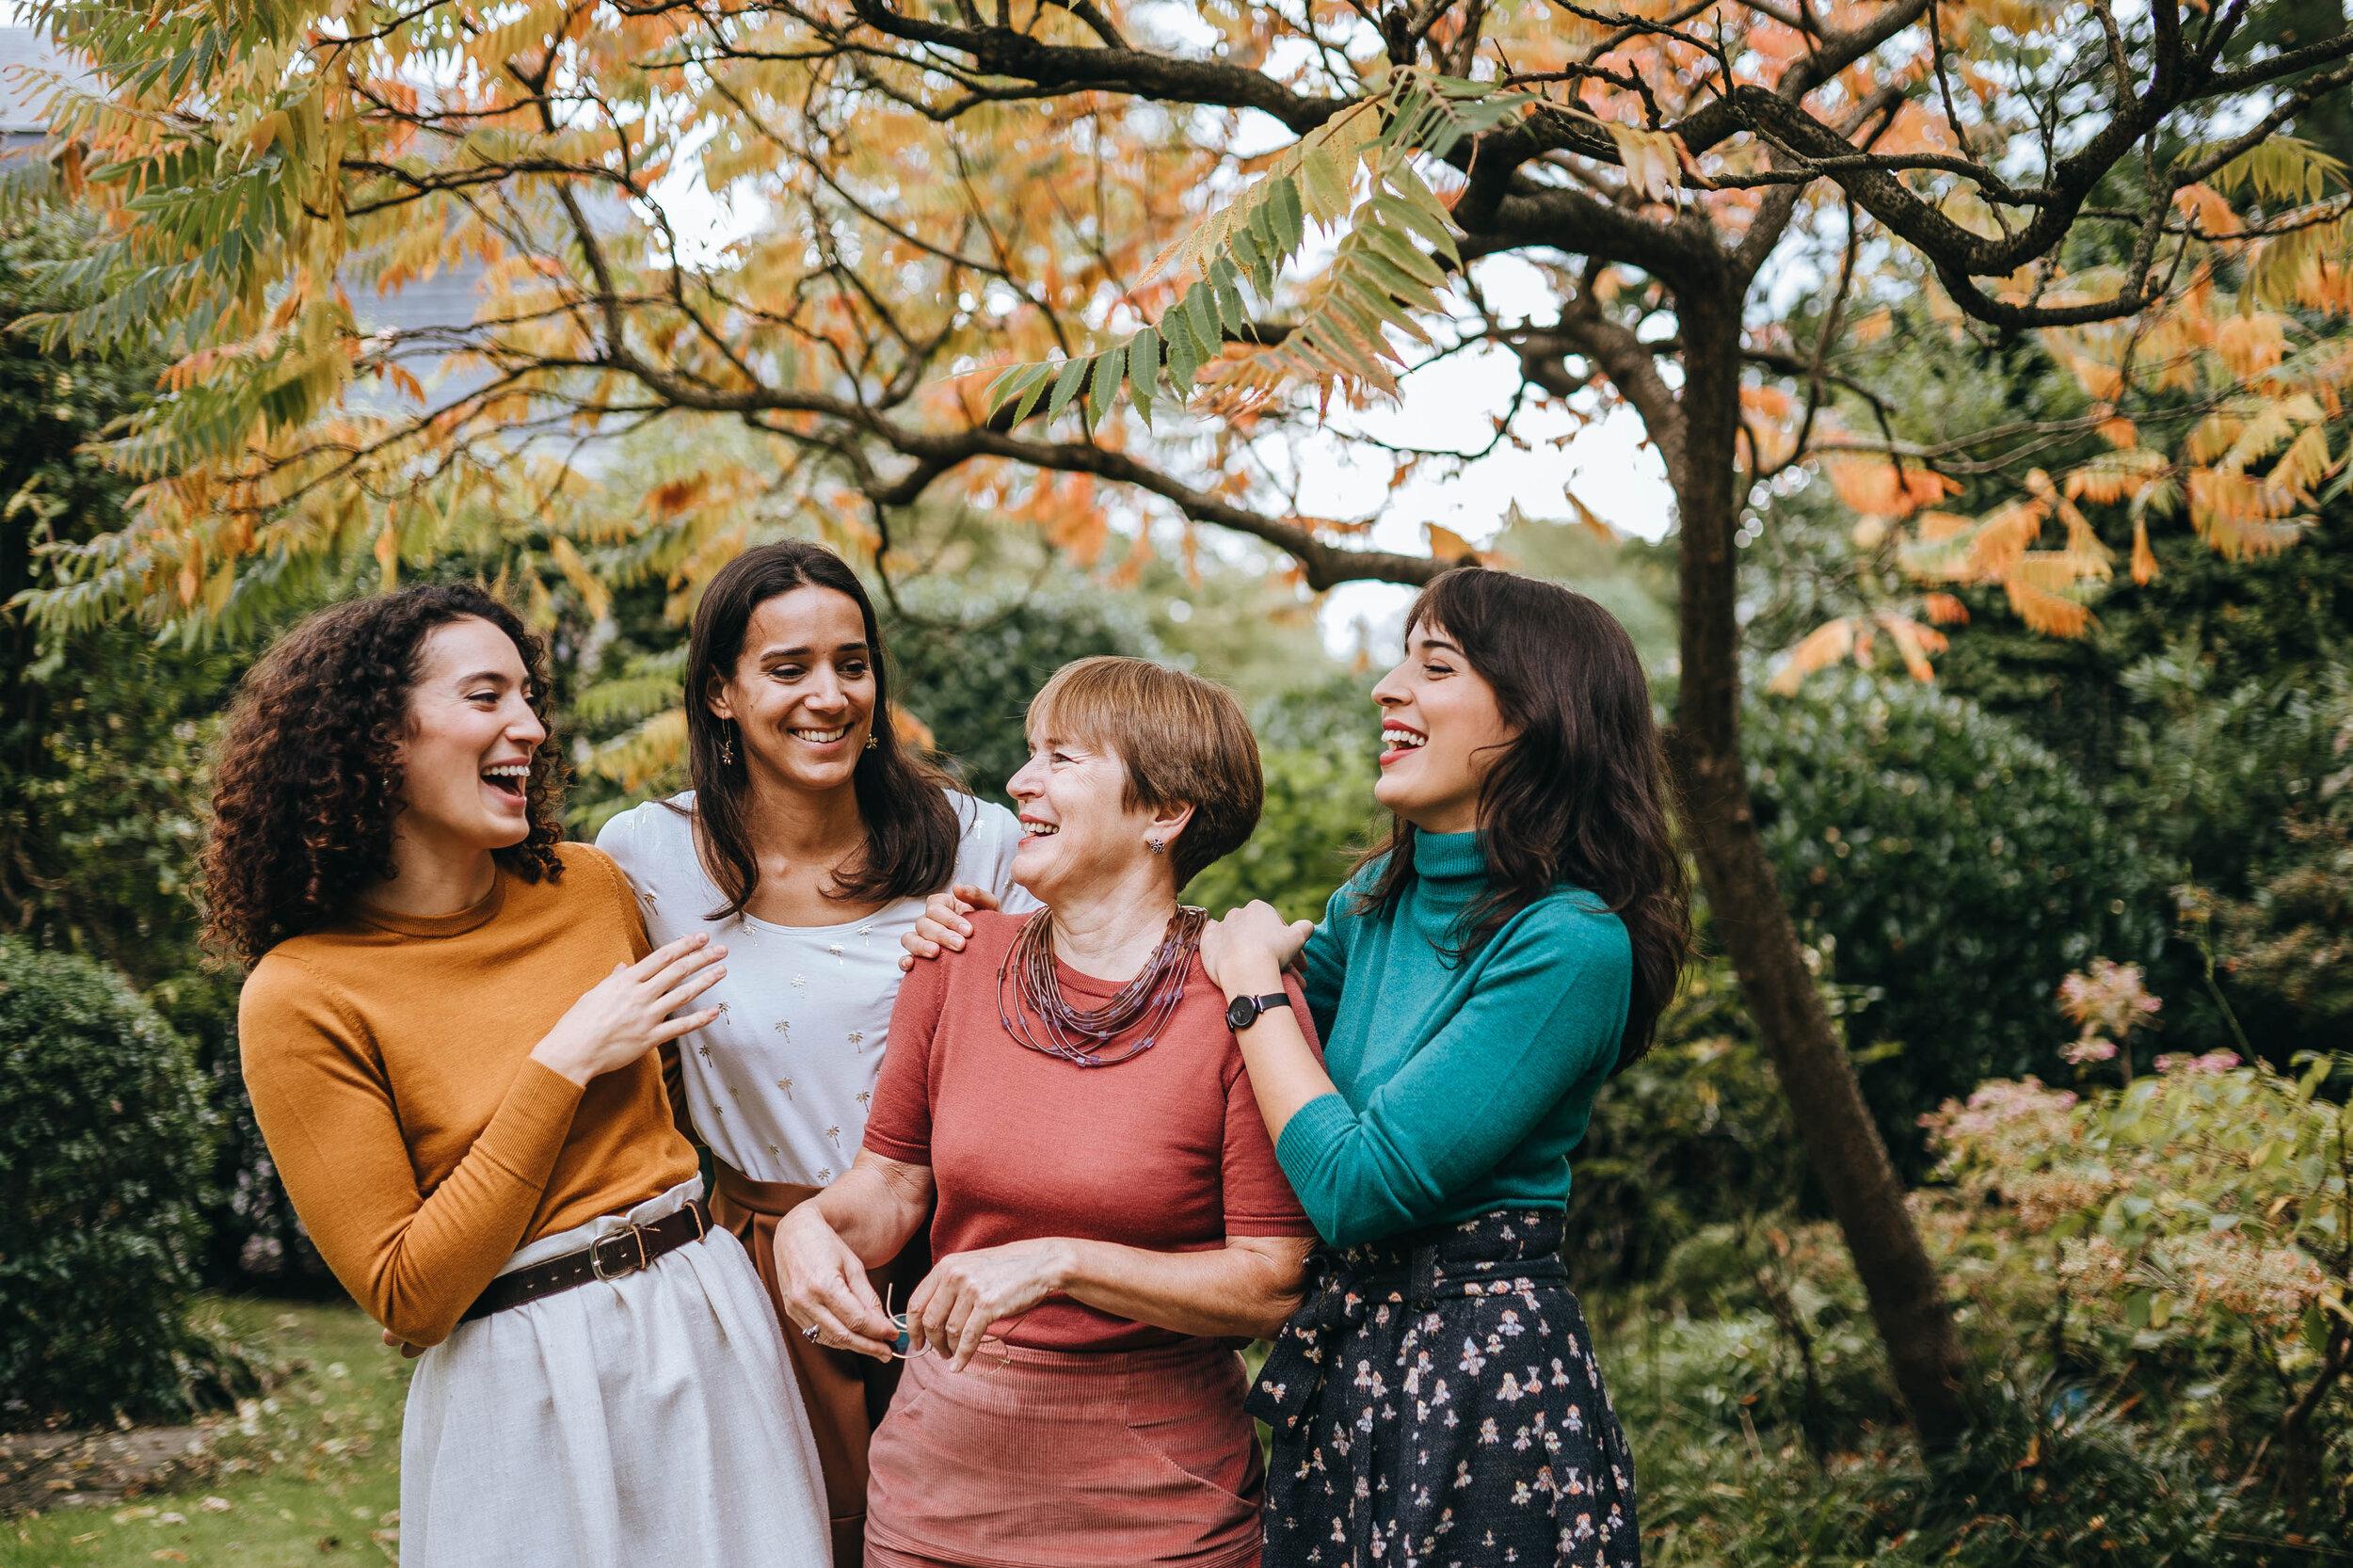 photographe-bruxelles-portrait-famille-automne-3.jpg